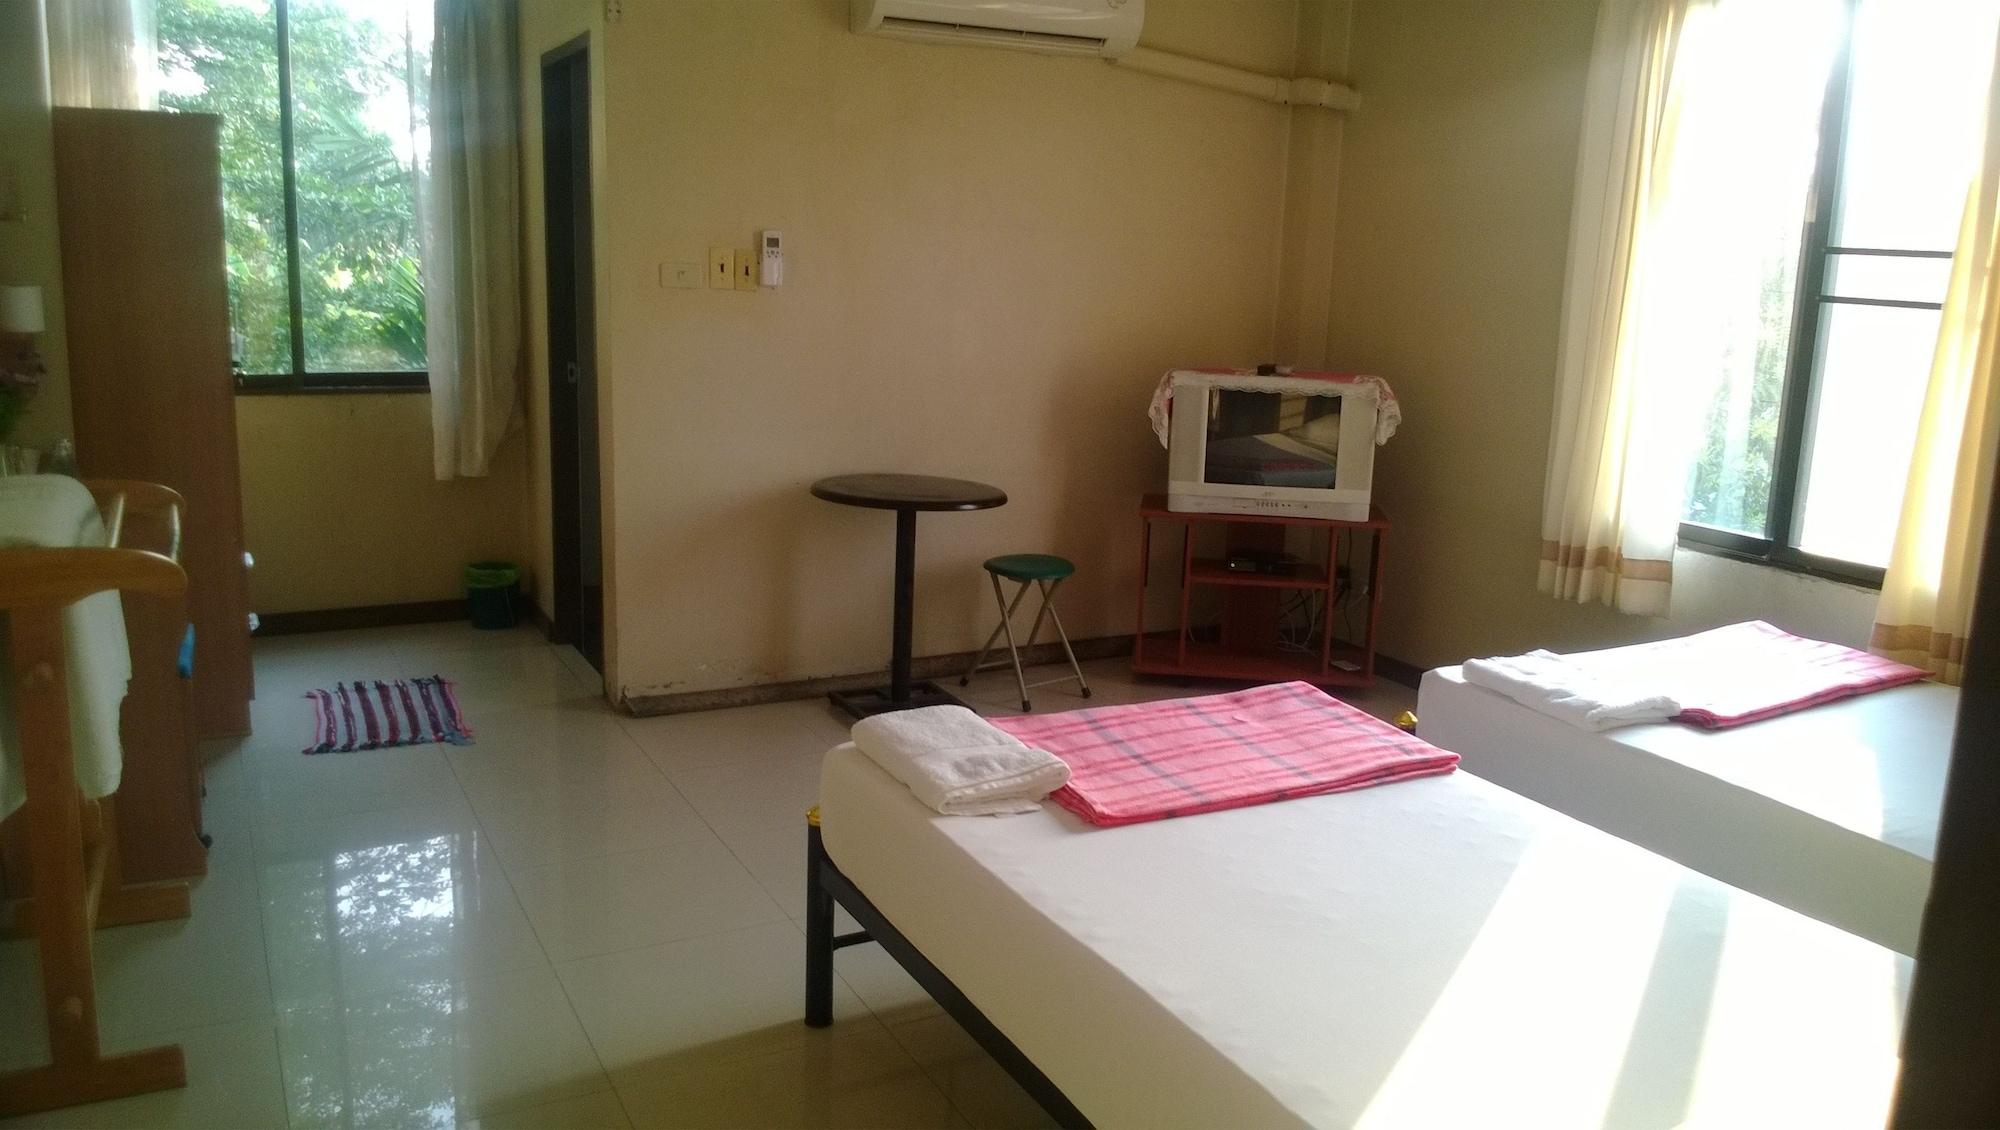 Phurahong Homestay, Bang Khen